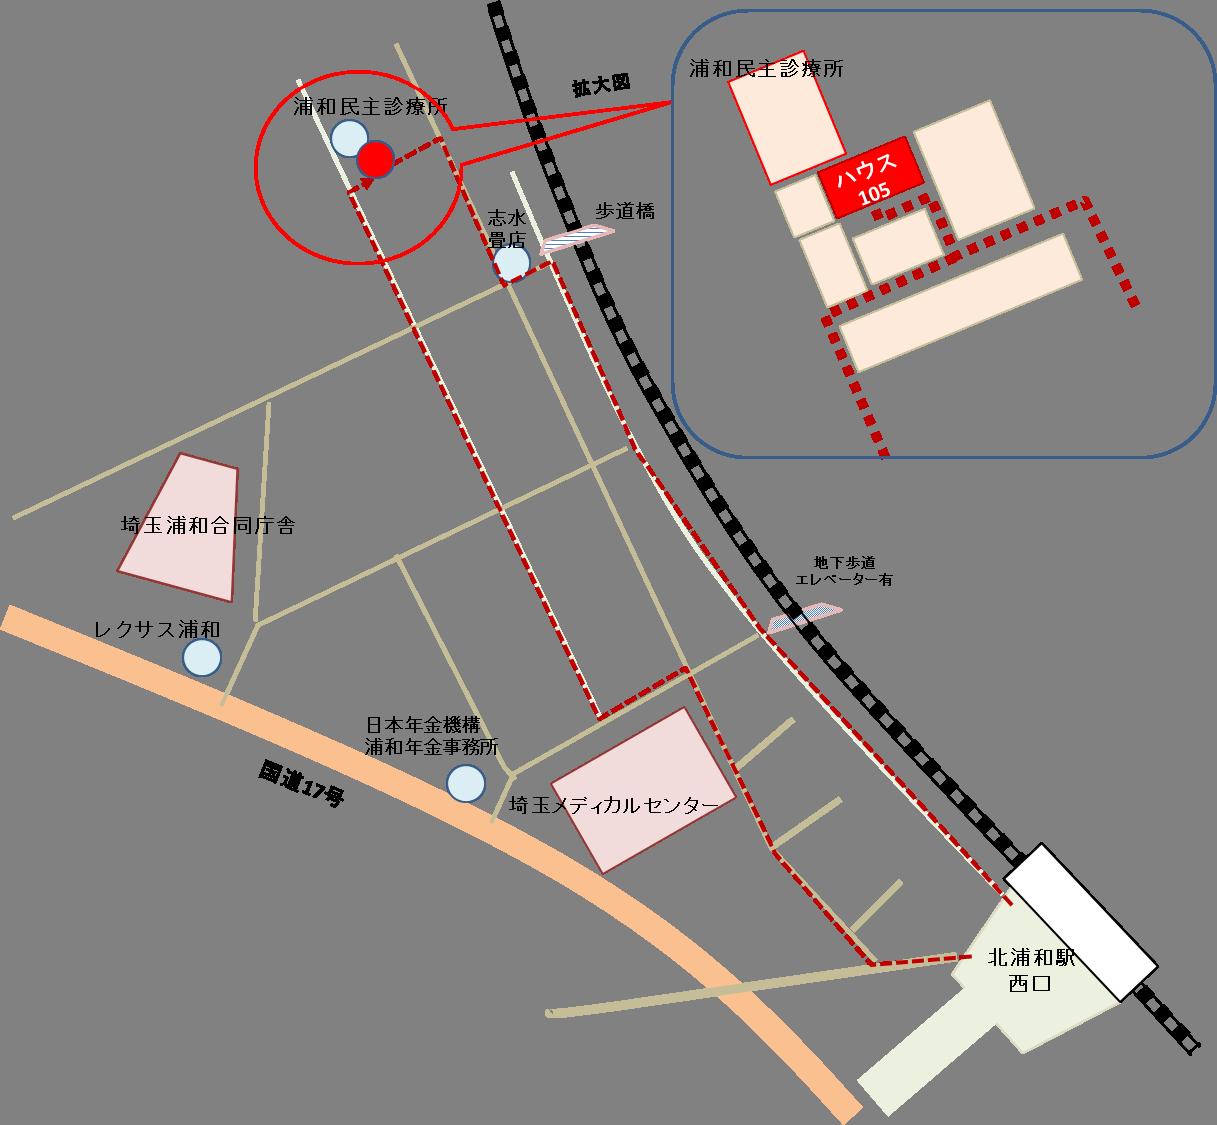 教室への地図